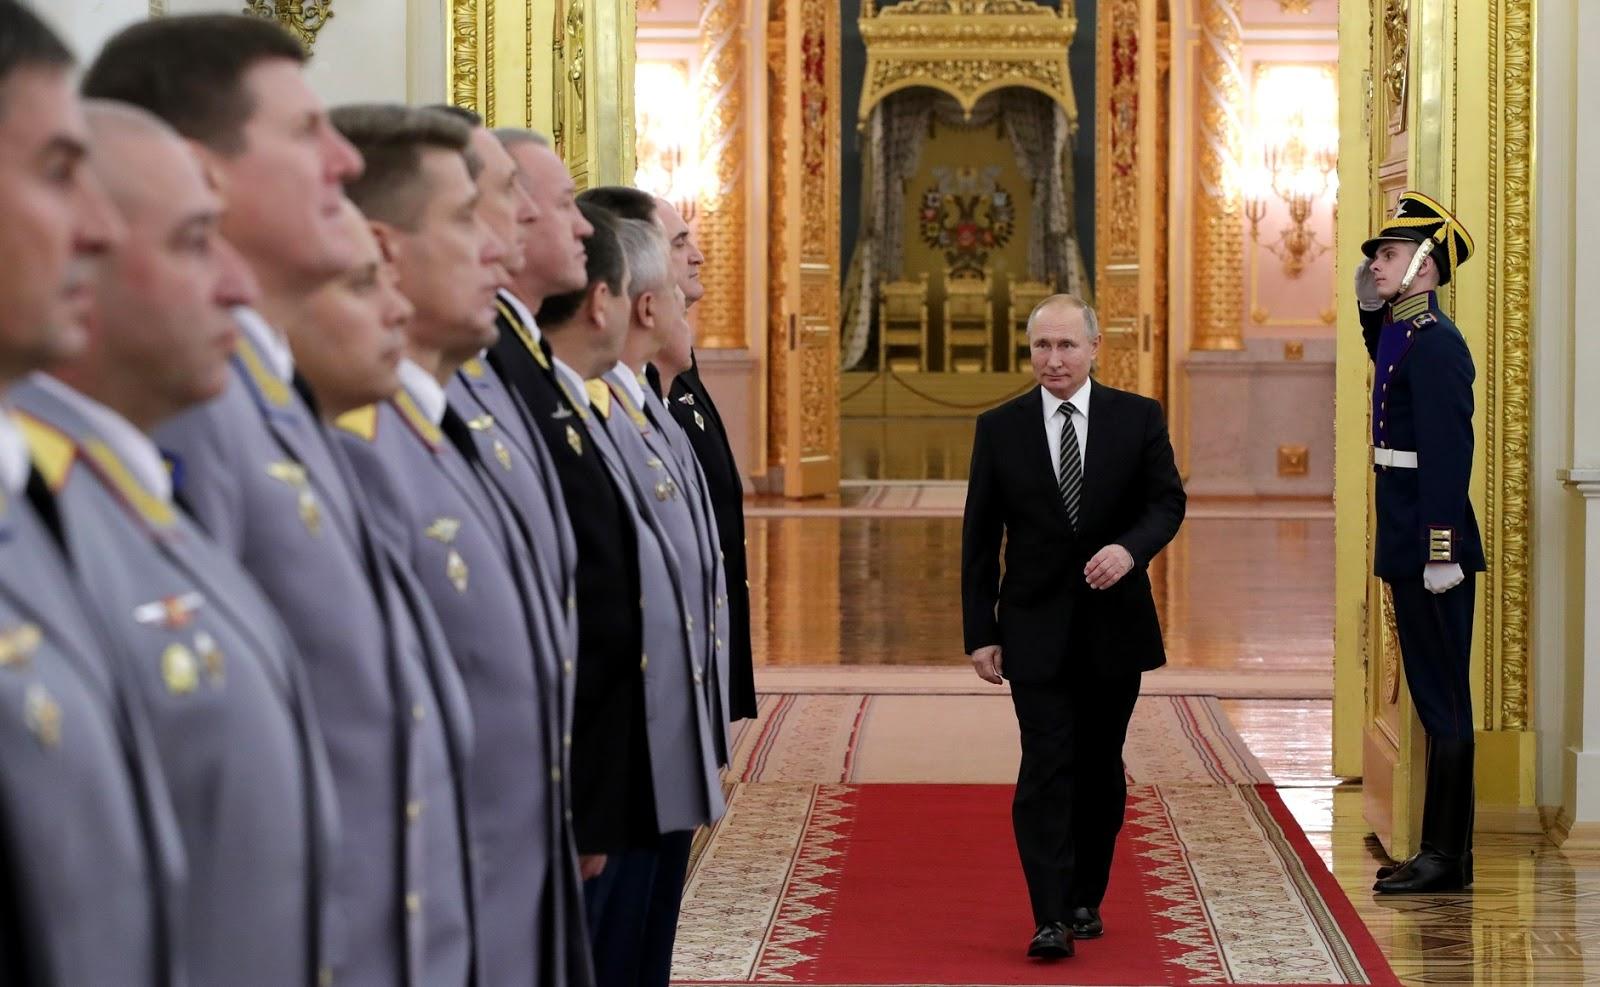 Позиция российских офицеров по избирательному законодательству